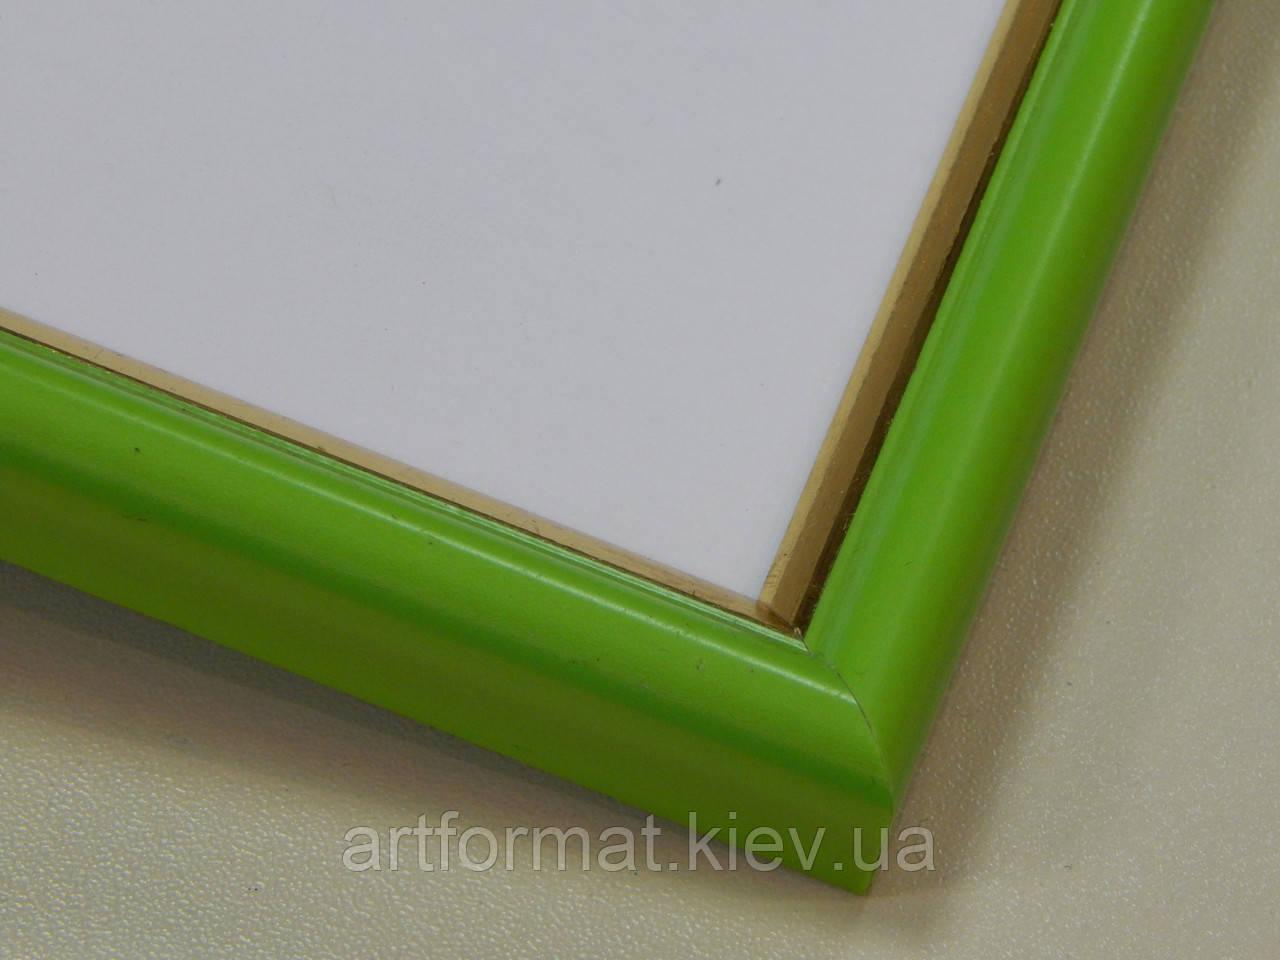 РАМКА А4 (297х210).14 мм.Зеленый с золотой окантовкой.